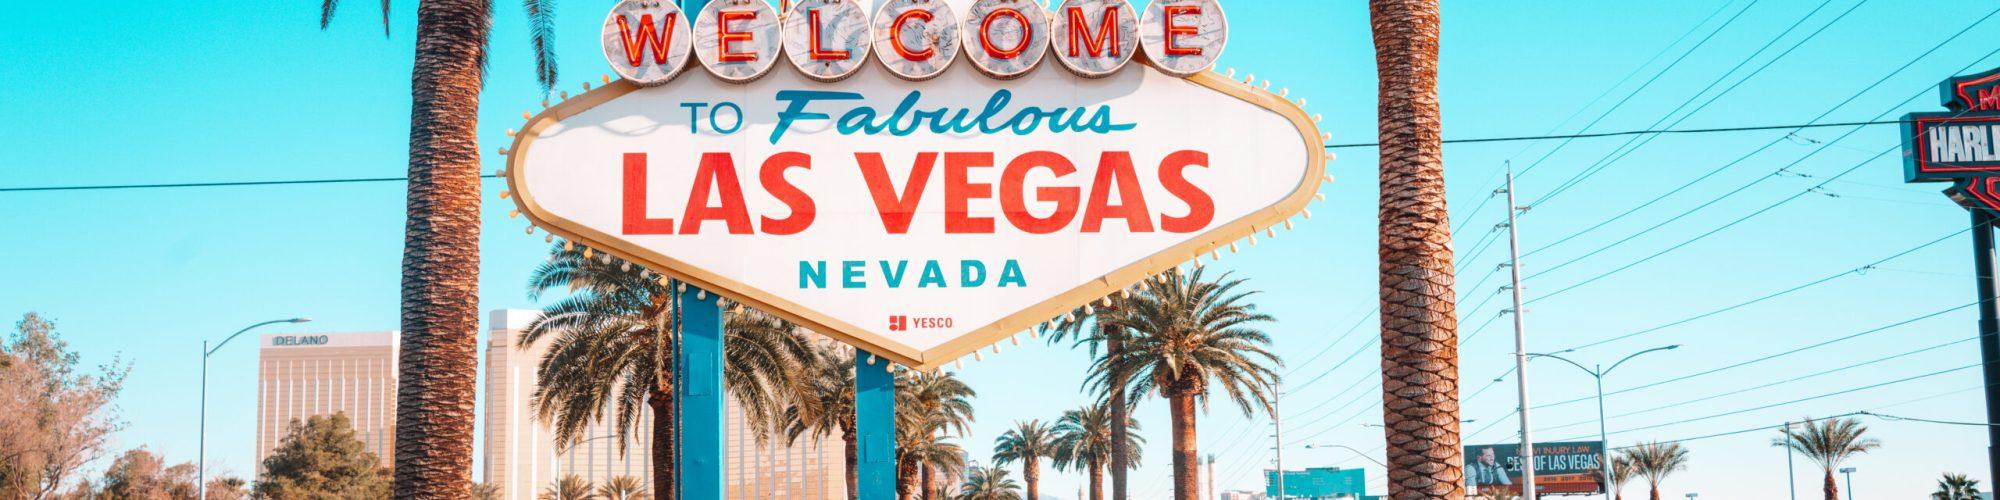 Best Photo Spots in Las Vegas